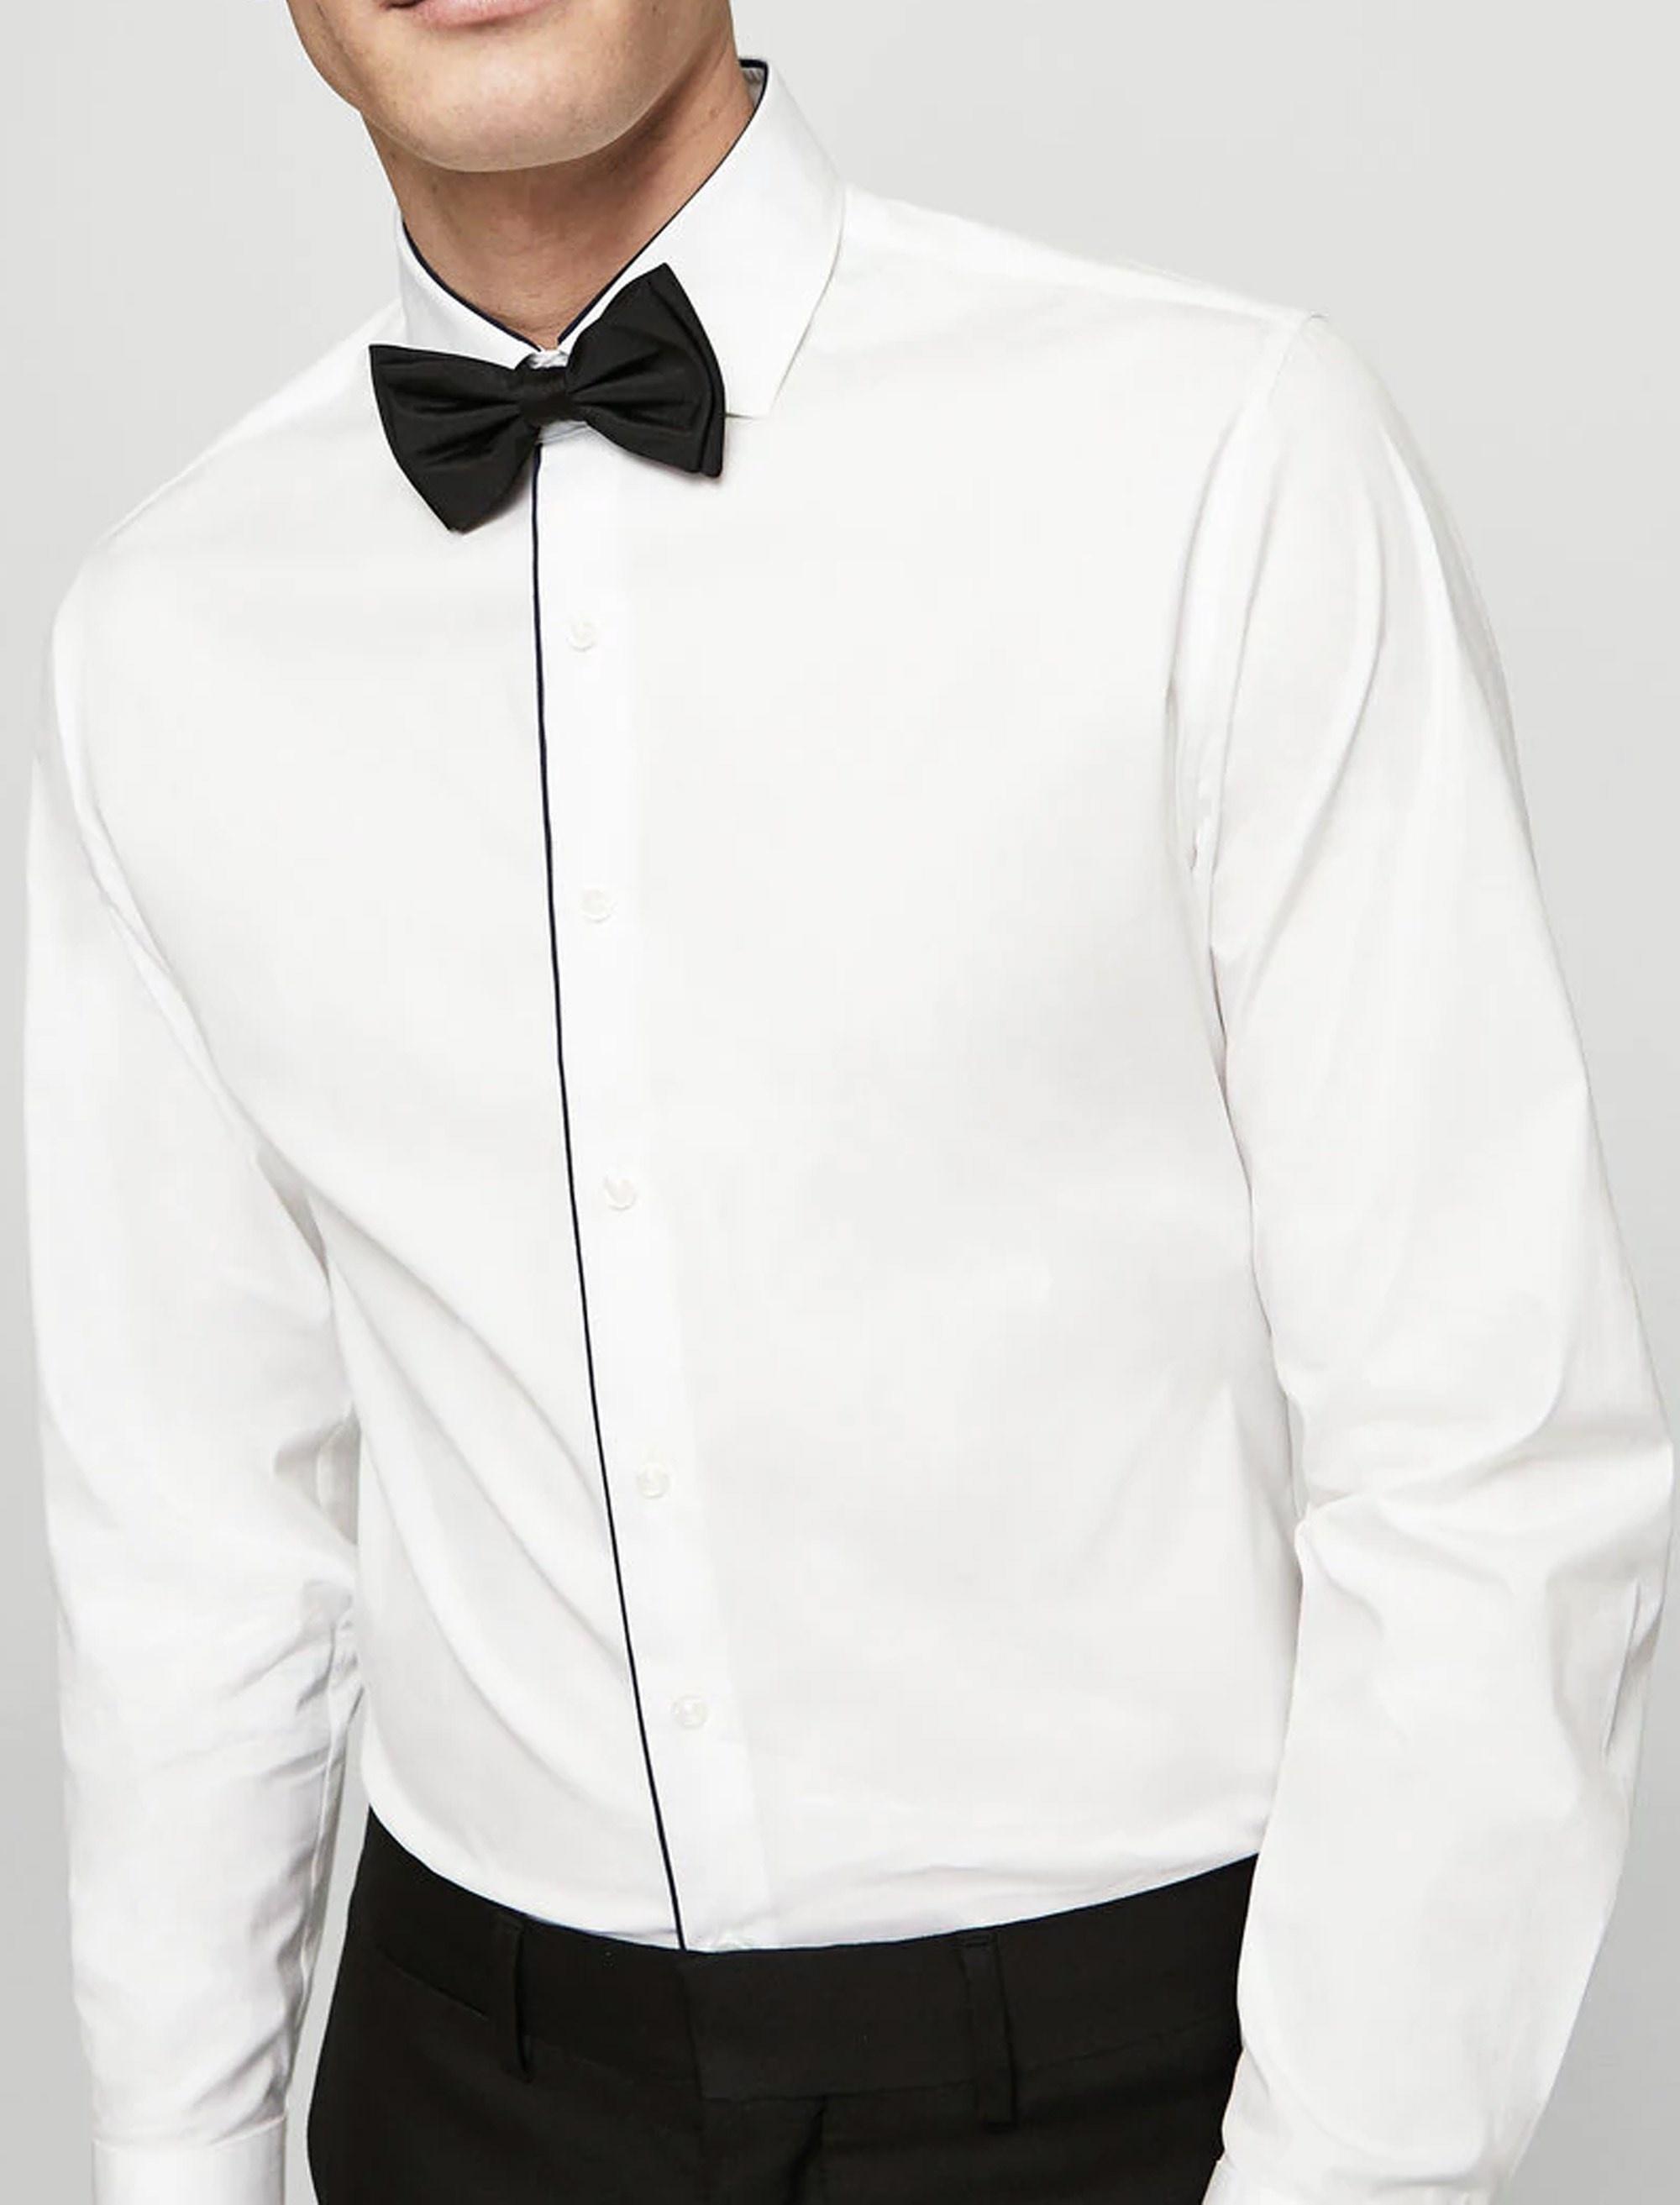 پیراهن نخی آستین بلند مردانه - مانگو - سفيد - 2